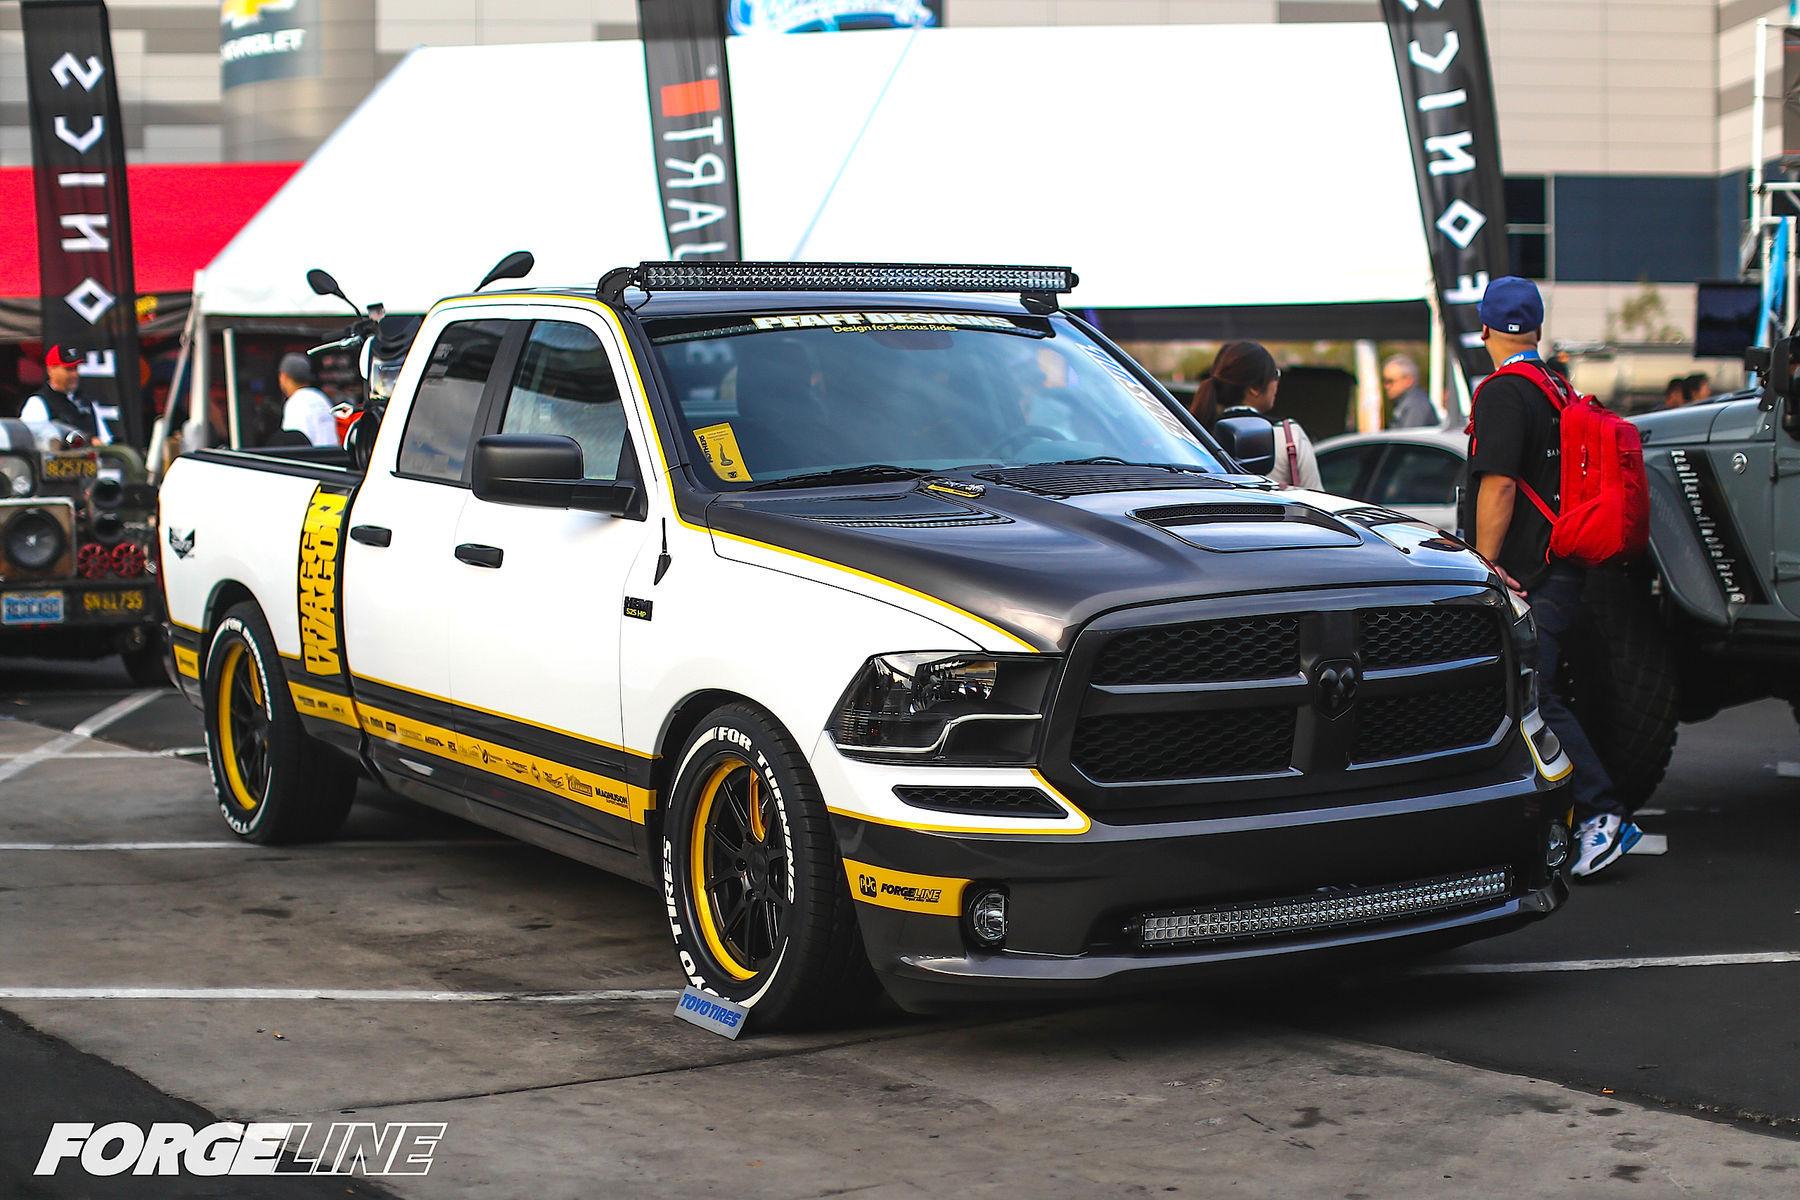 2015 Dodge Ram Pickup 1500 | Pfaff Designs